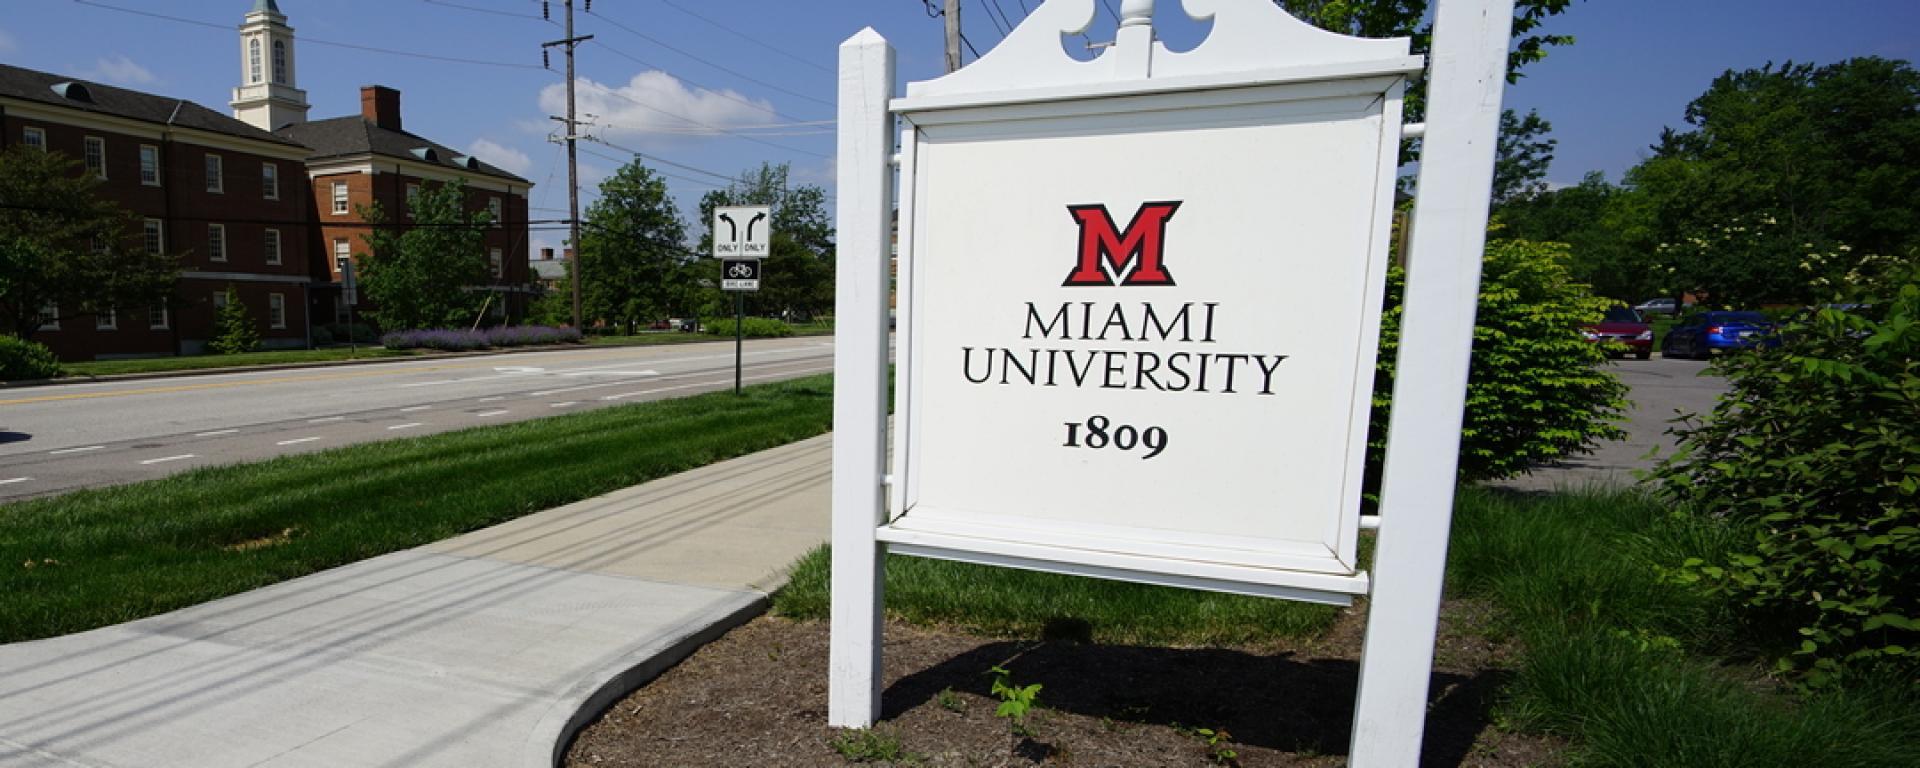 Front view of Miami University Gateways